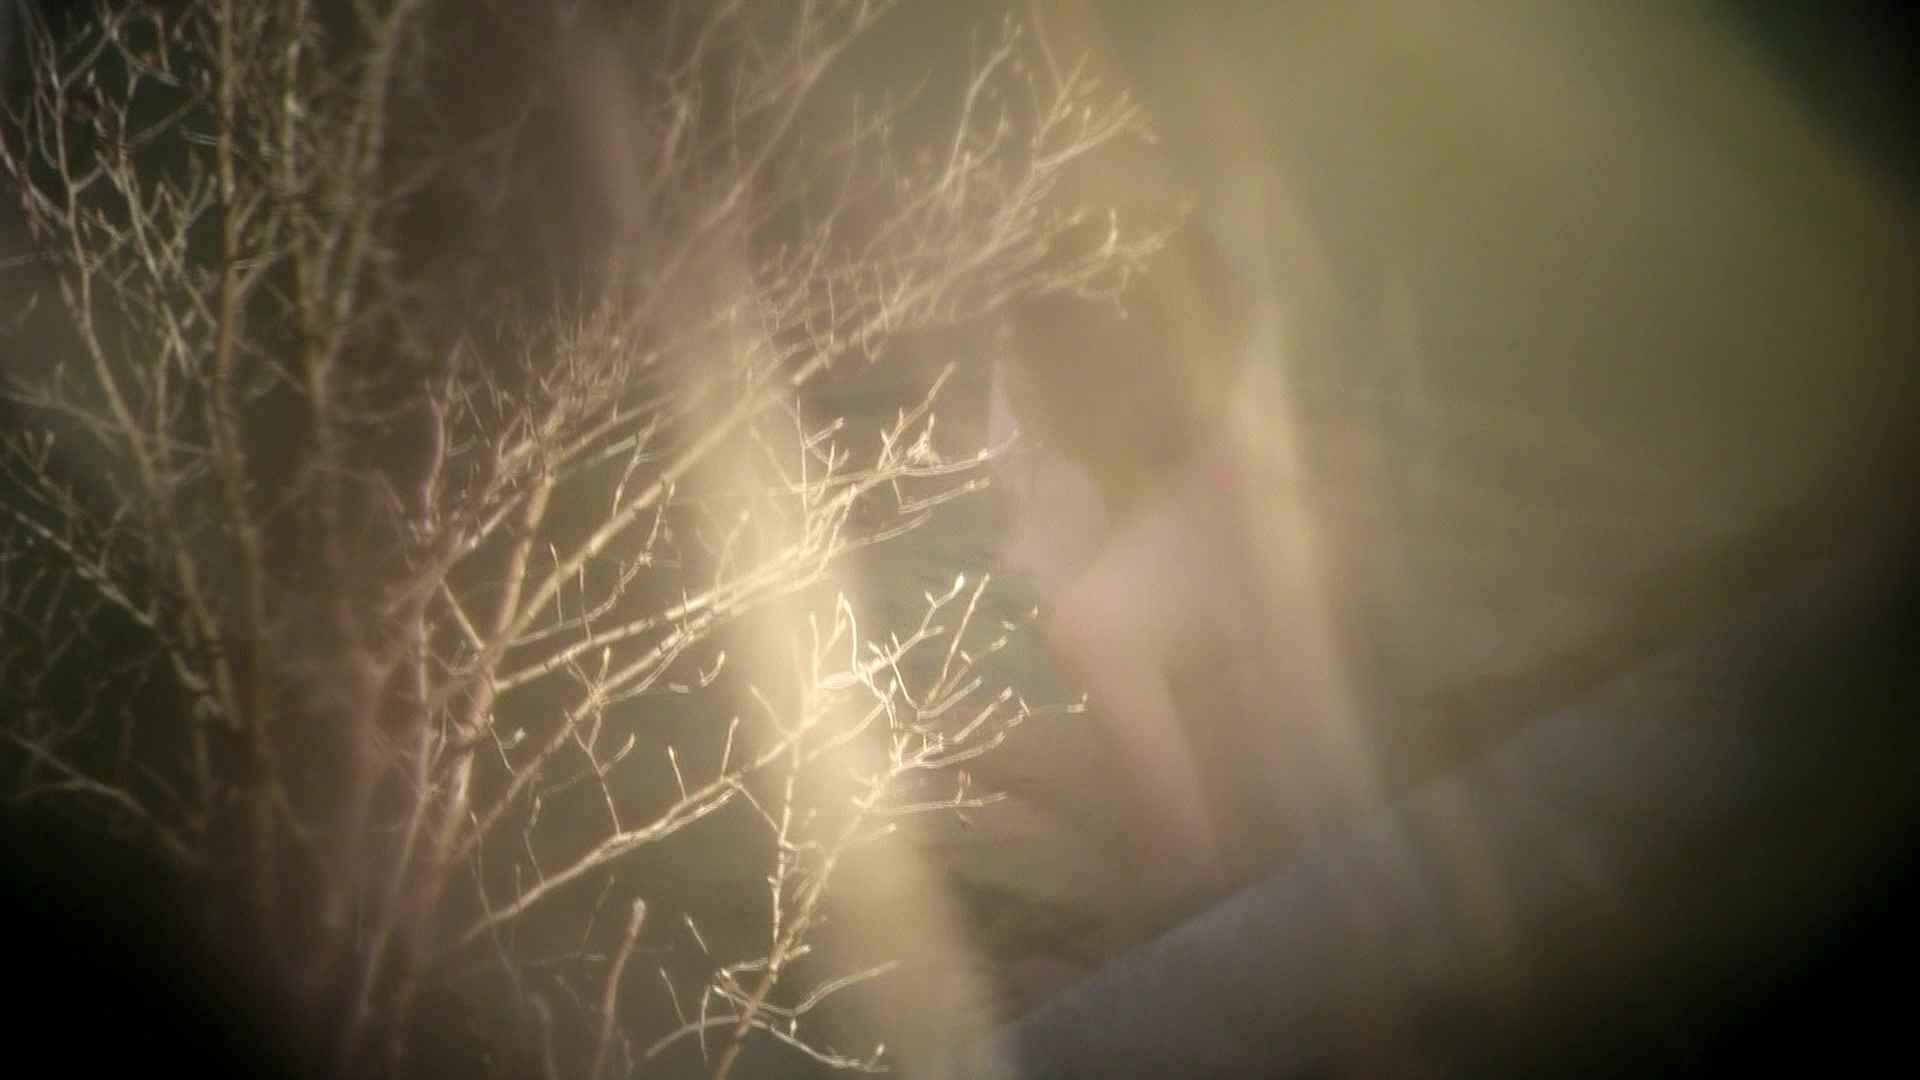 女露天風呂劇場 Vol.01 女湯 AV無料動画キャプチャ 61画像 10